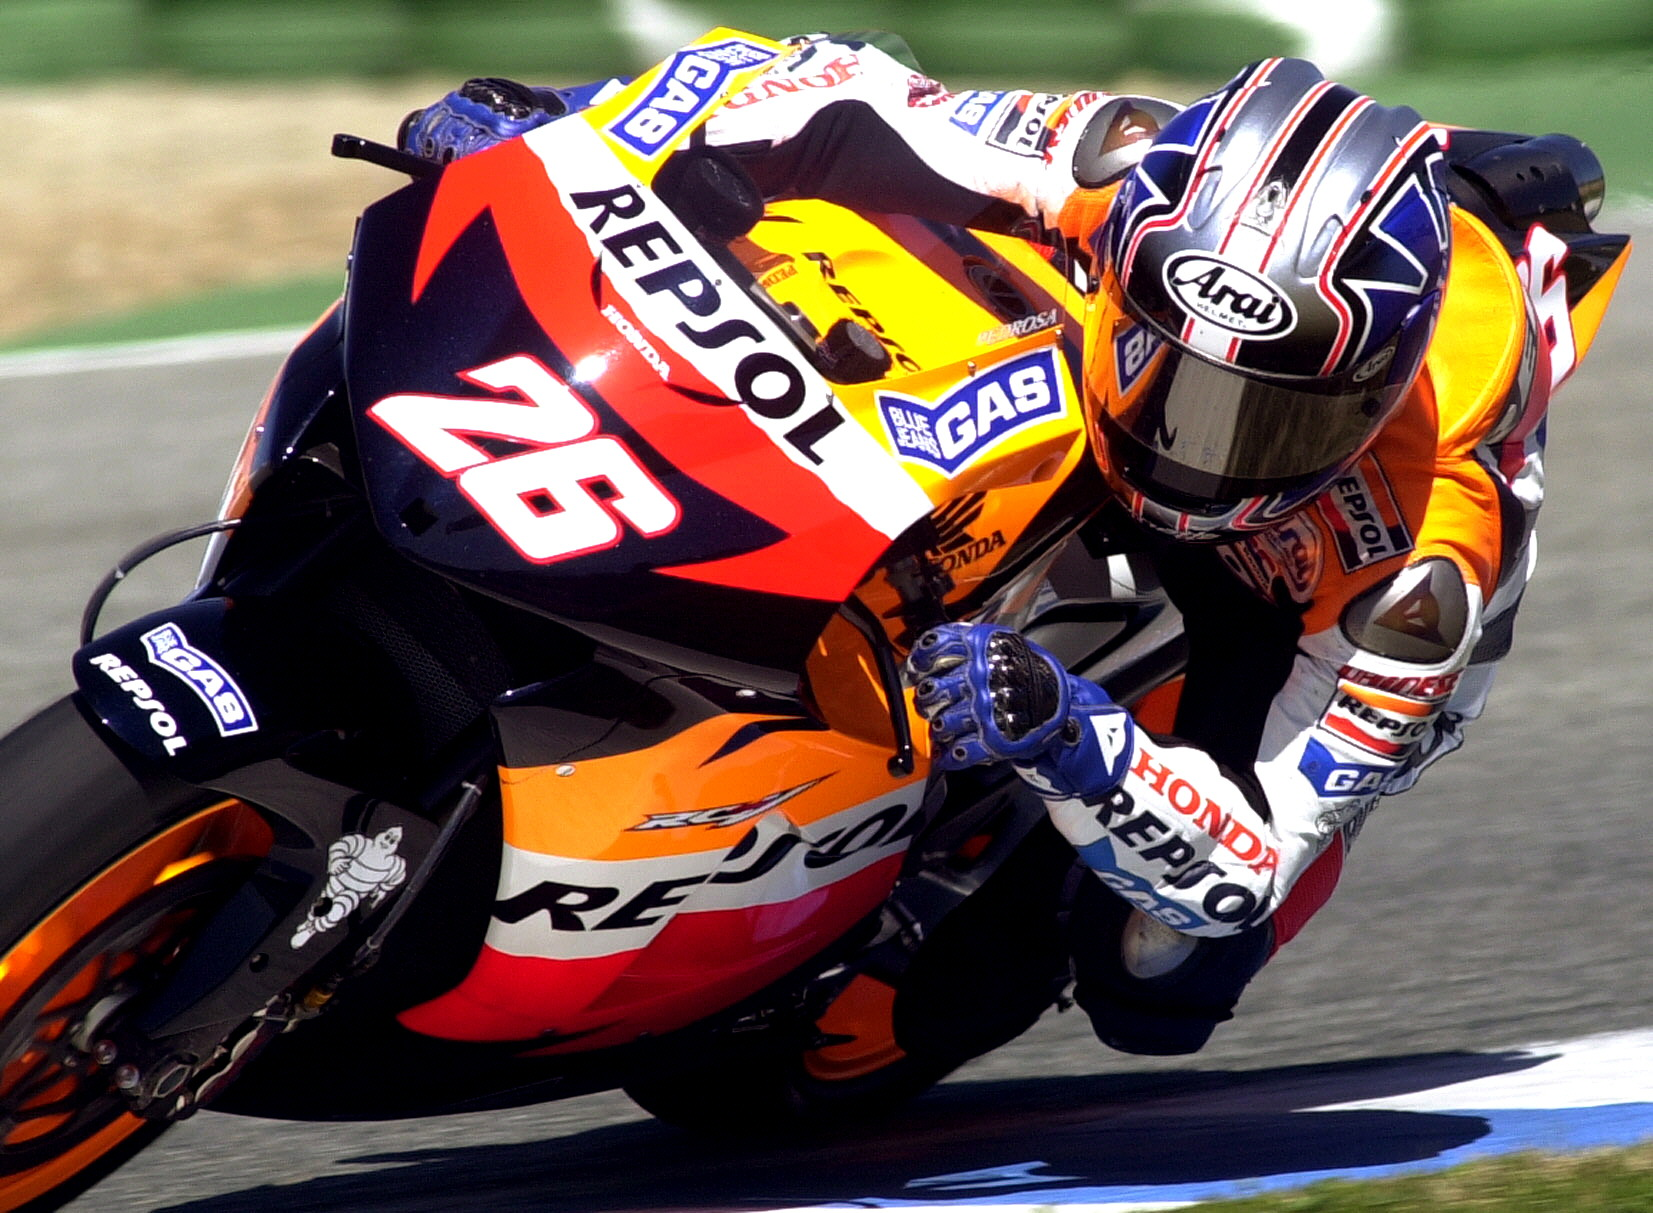 JE01 JEREZ DE LA FRONTERA (CADIZ) 11/03/06 : El piloto español de MotoGP de Honda, Dani Pedrosa, traza una curva en la sesión de entrenamientos de MotoGP, que se han celebrado hoy en el circuito de Jerez de la Frontera. EFE/Jaro Muñoz